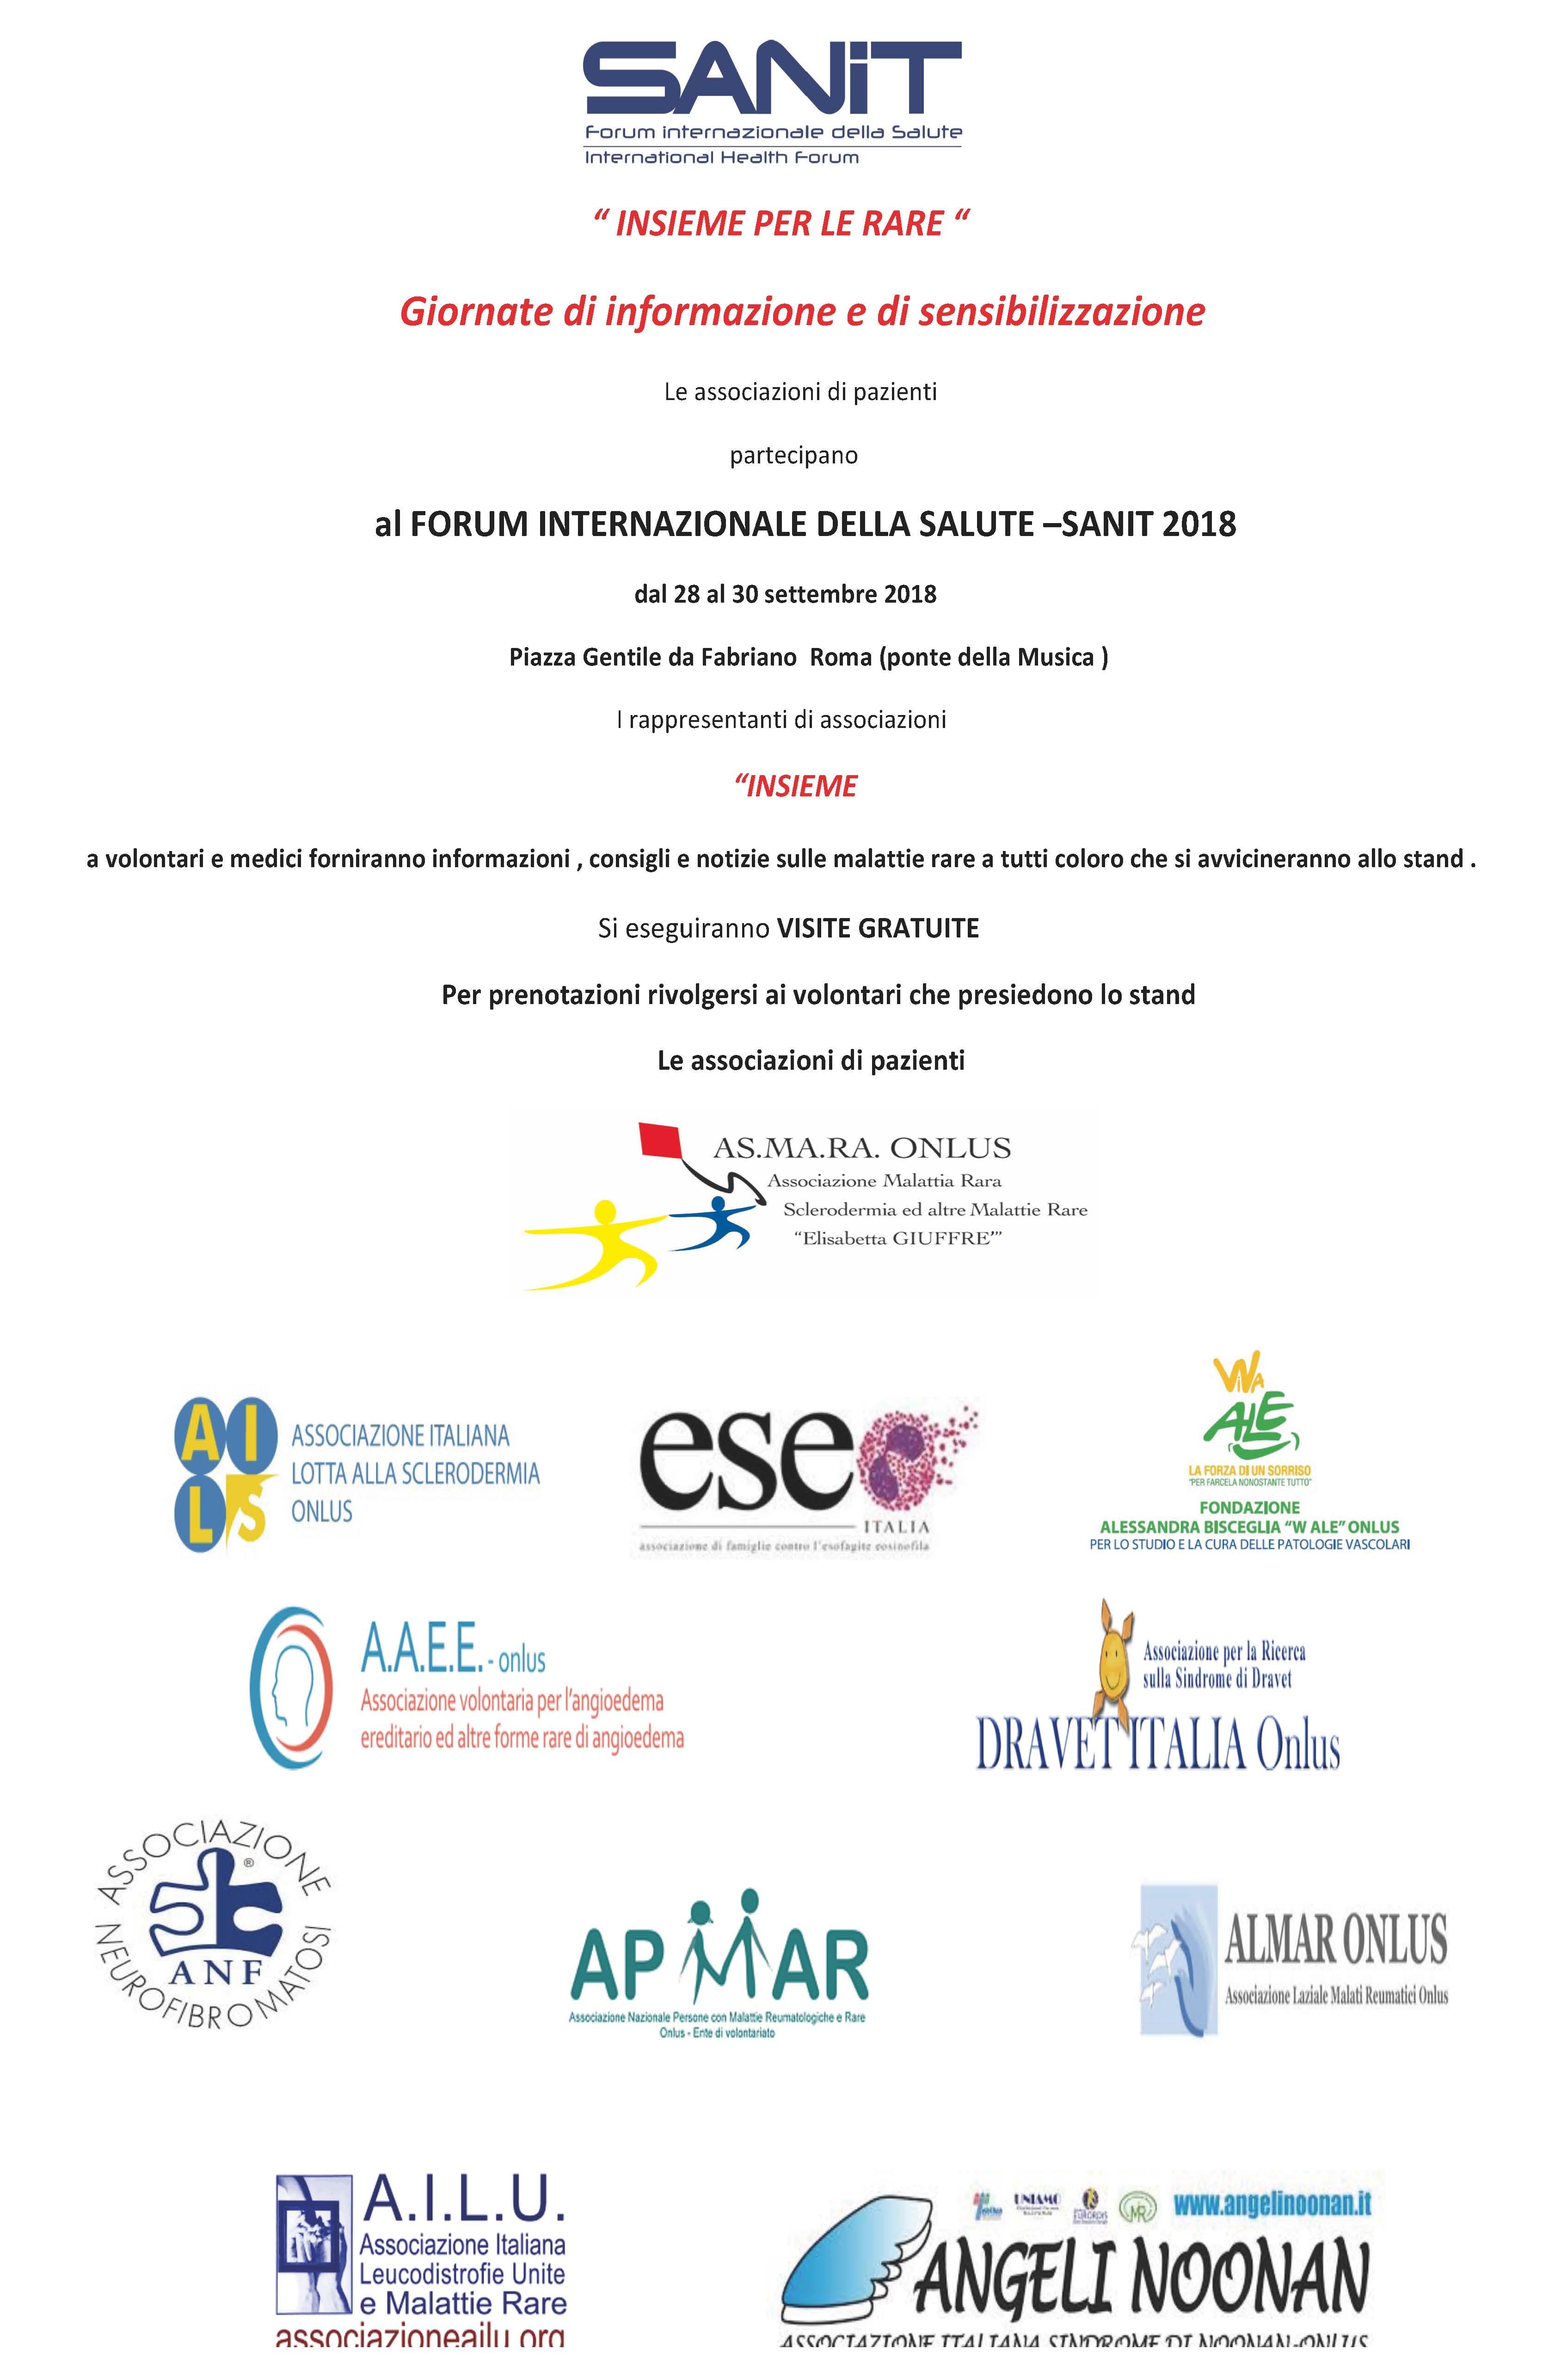 SANIT 2018 – Forum internazionale della salute a Roma